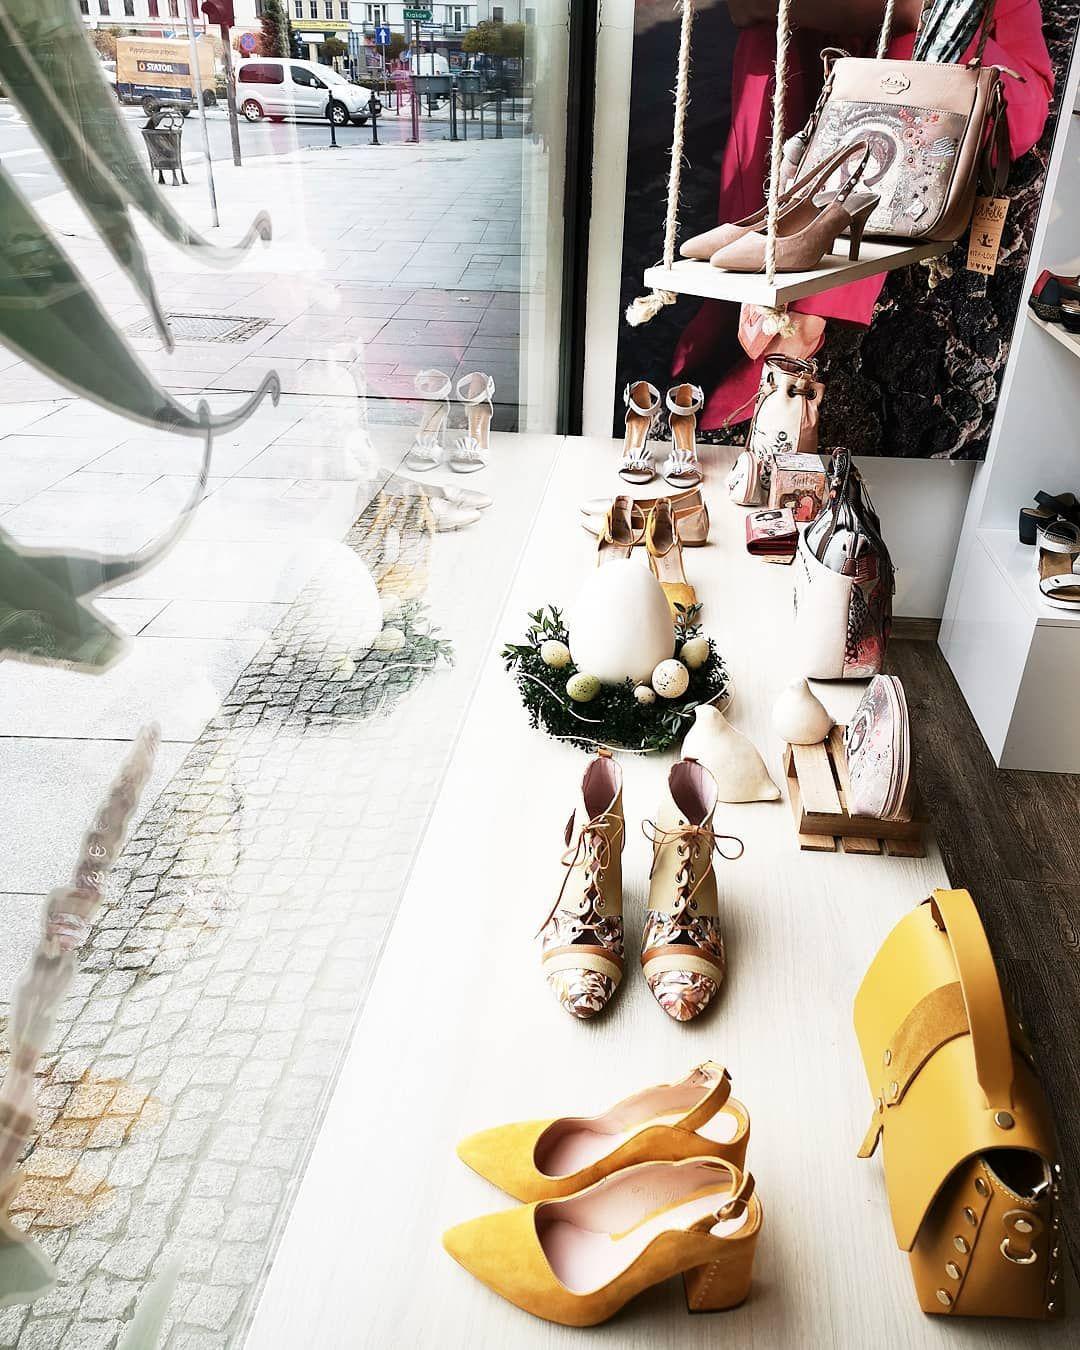 Swiateczna Wystawa Nowe Modele Obuwia Zarowno Z Damskiej Jak I Meskiej Wiosenno Letniej Kolekcji Eastertime Shopwindow Sh Shoes Bags Chloe Drew